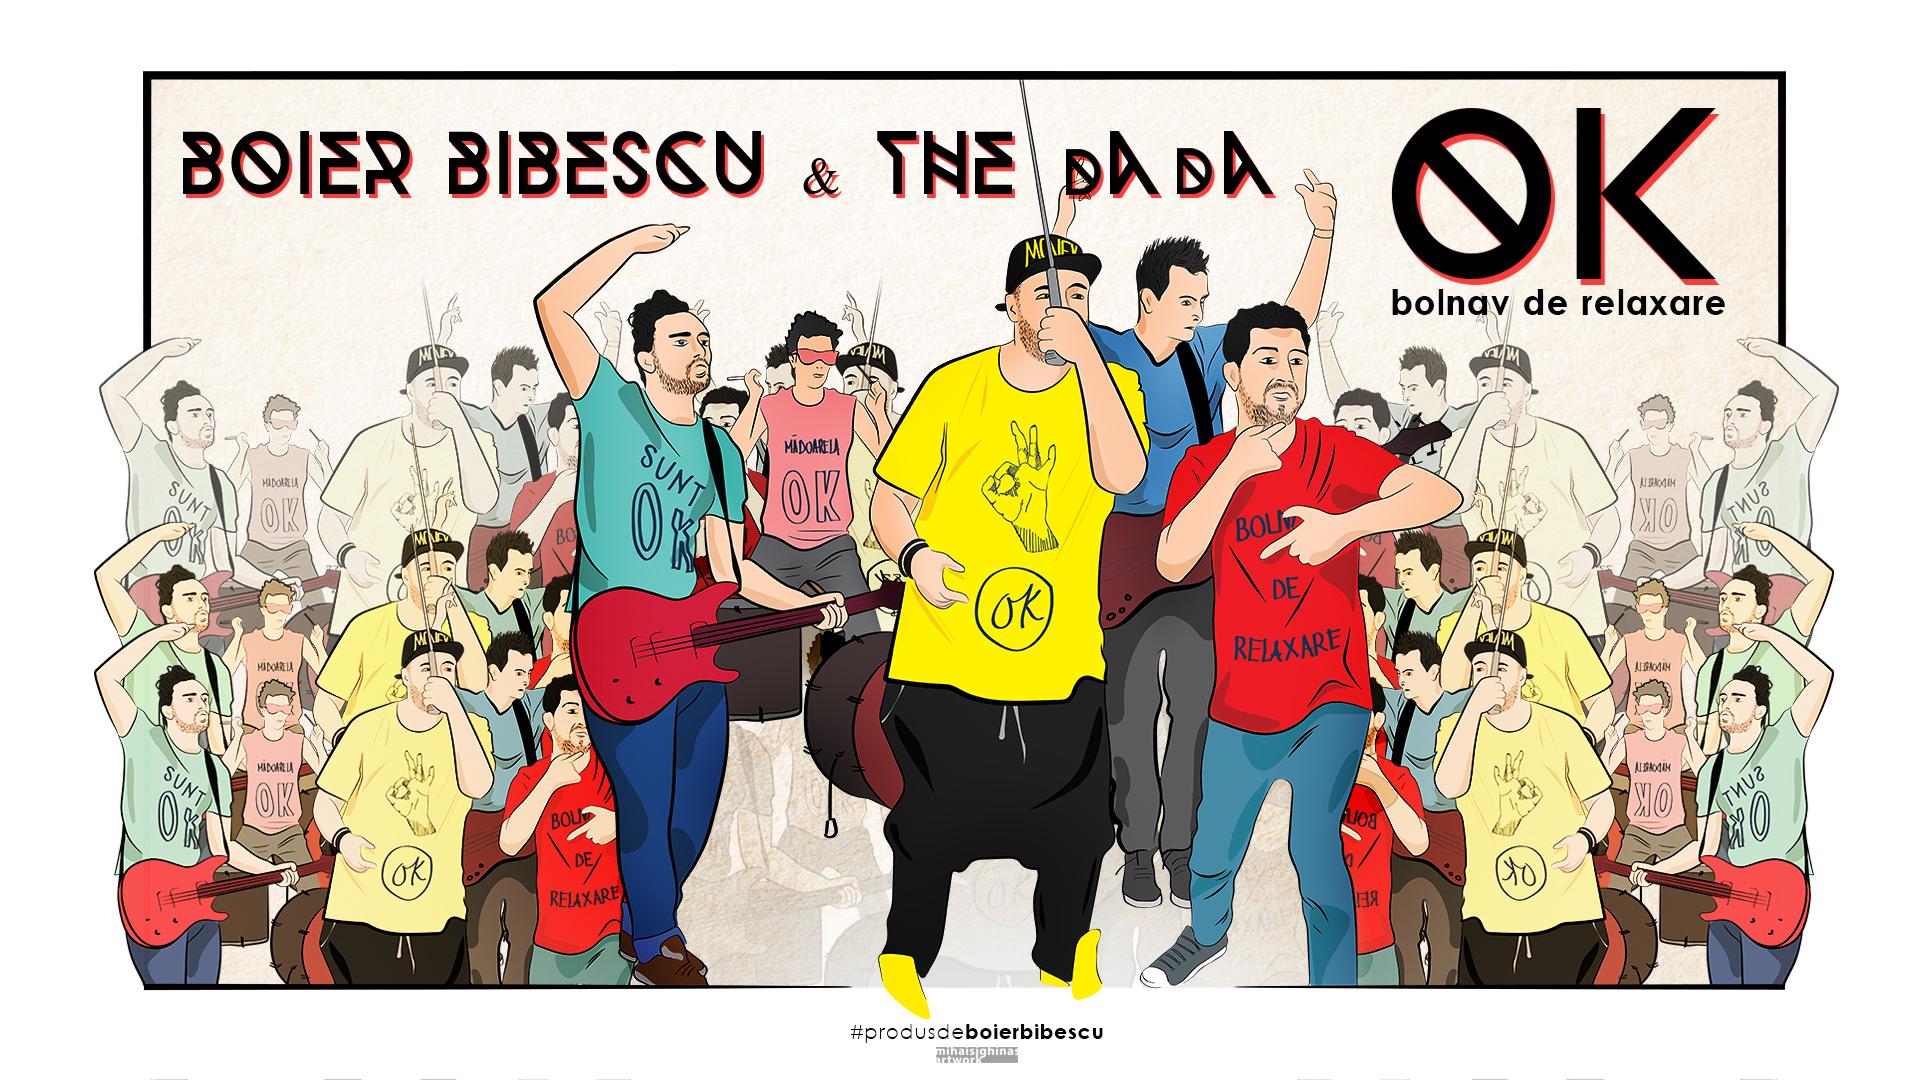 """Boier Bibescu si baietii de la The dAdA sunt bolnavi de relaxare, deci """"OK"""""""